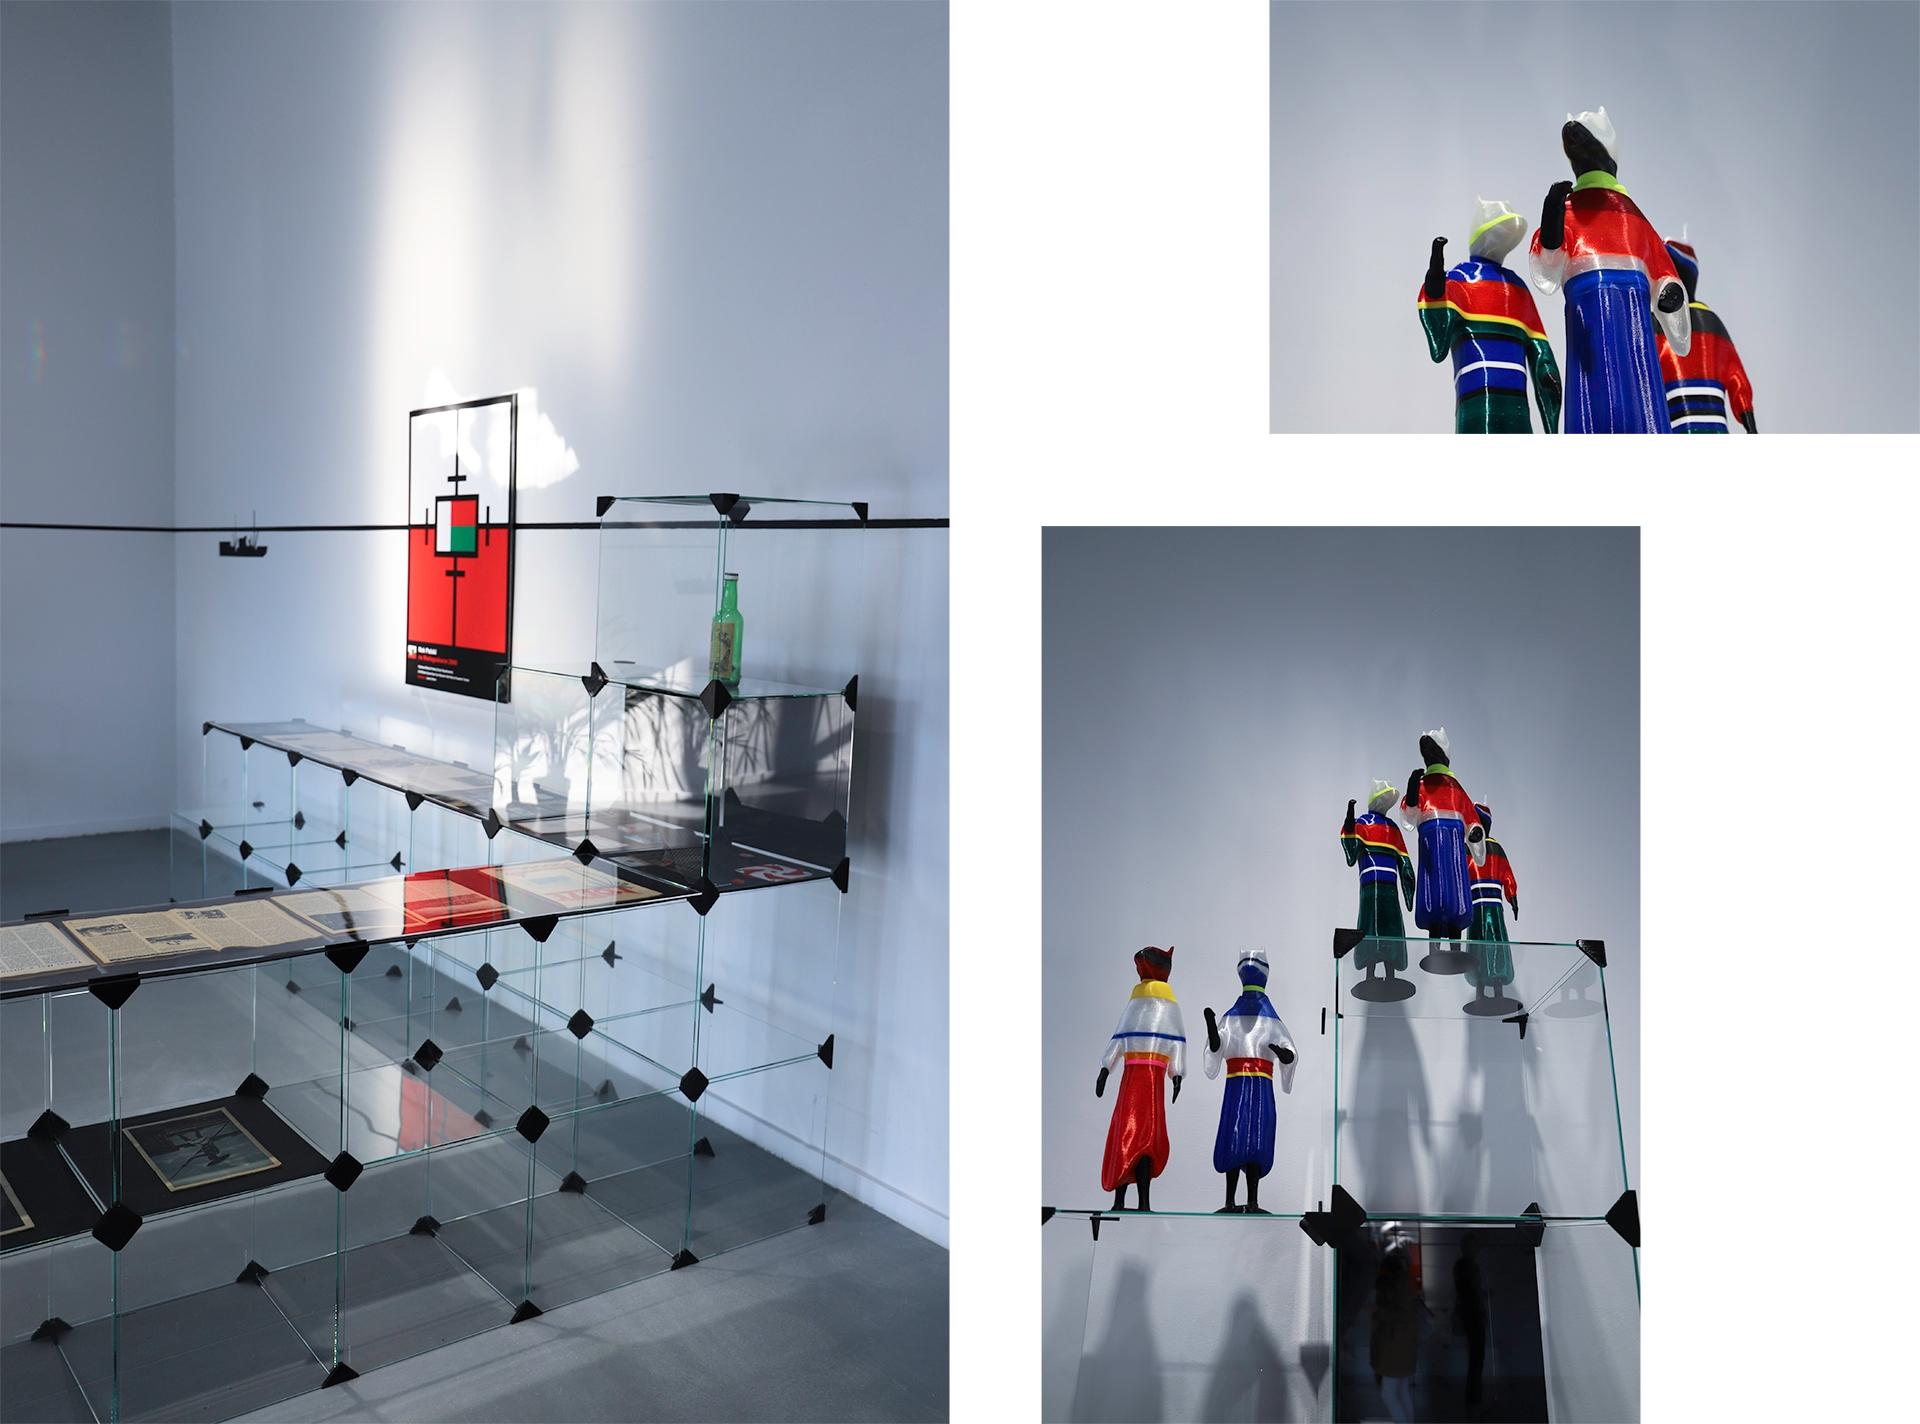 Obraz przedstawia dwa zdjęcia przestrzeni z białymi ścianami i szklanymi elementami.